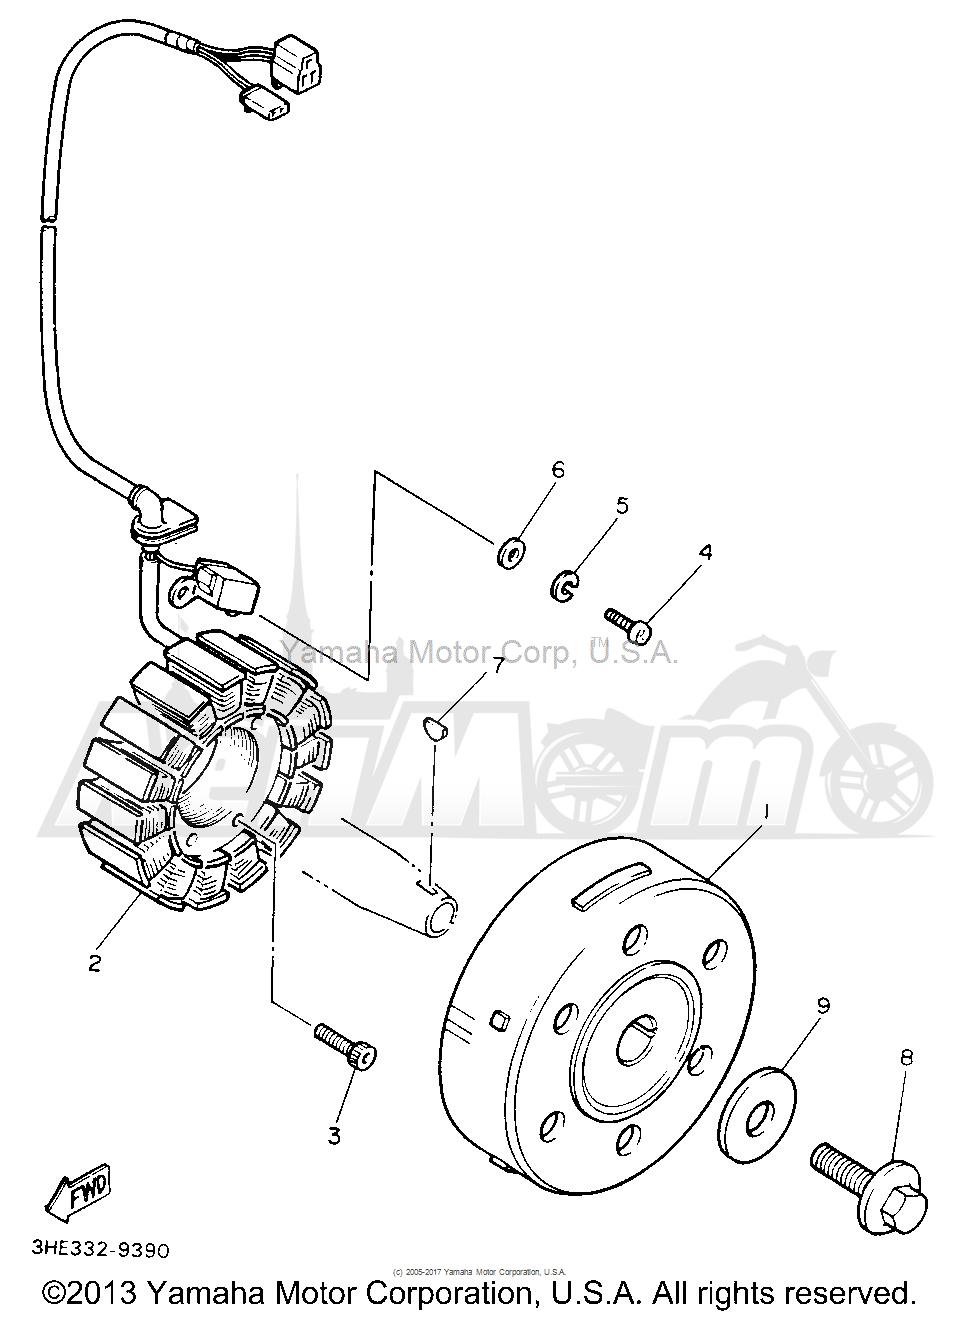 Запчасти для Мотоцикла Yamaha 1991 FZR600RBC Раздел: GENERATOR | генератор